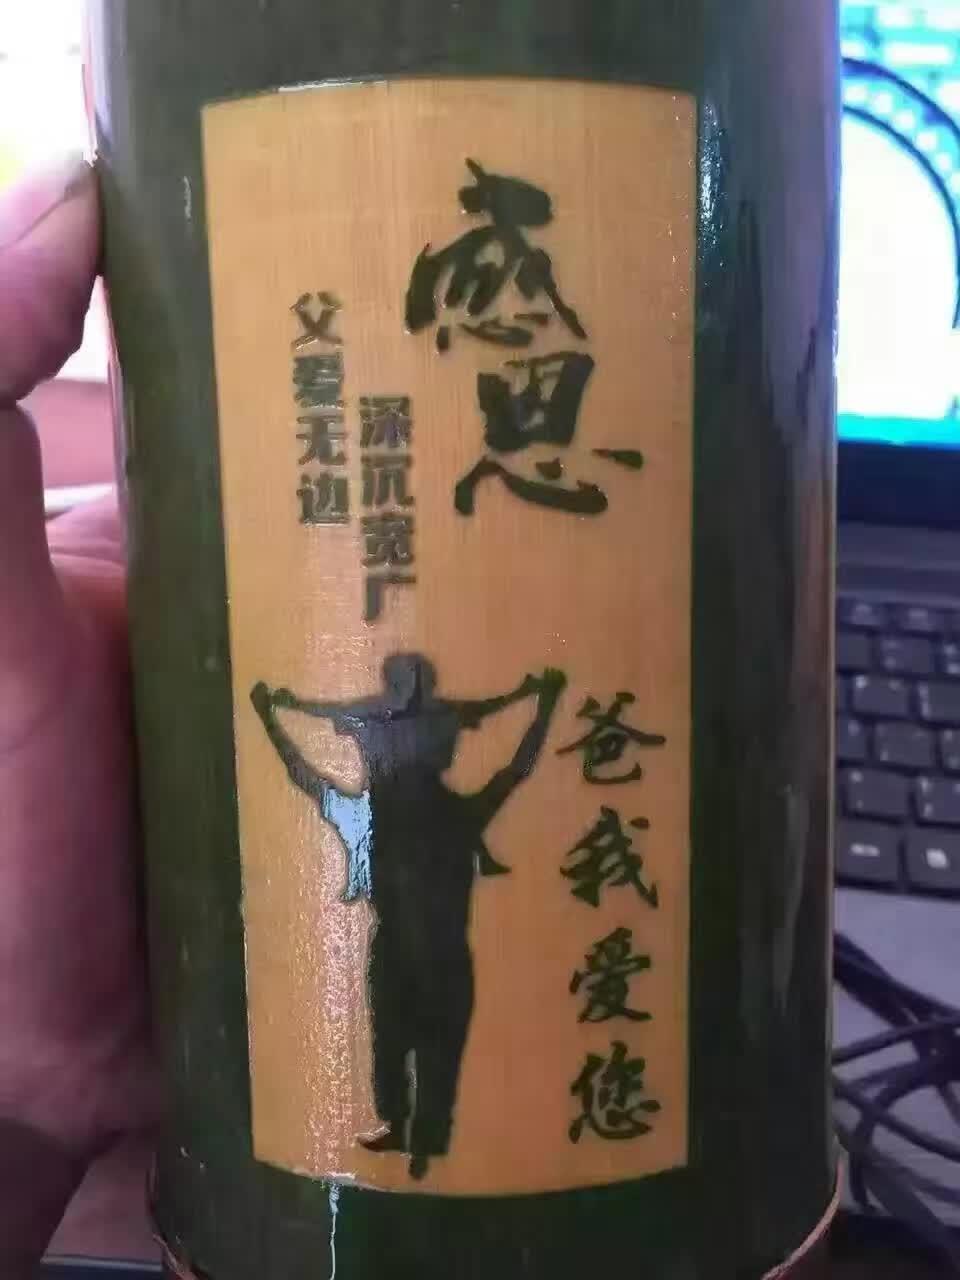 供应竹筒酒 鲜竹酒批发 活竹酒厂家